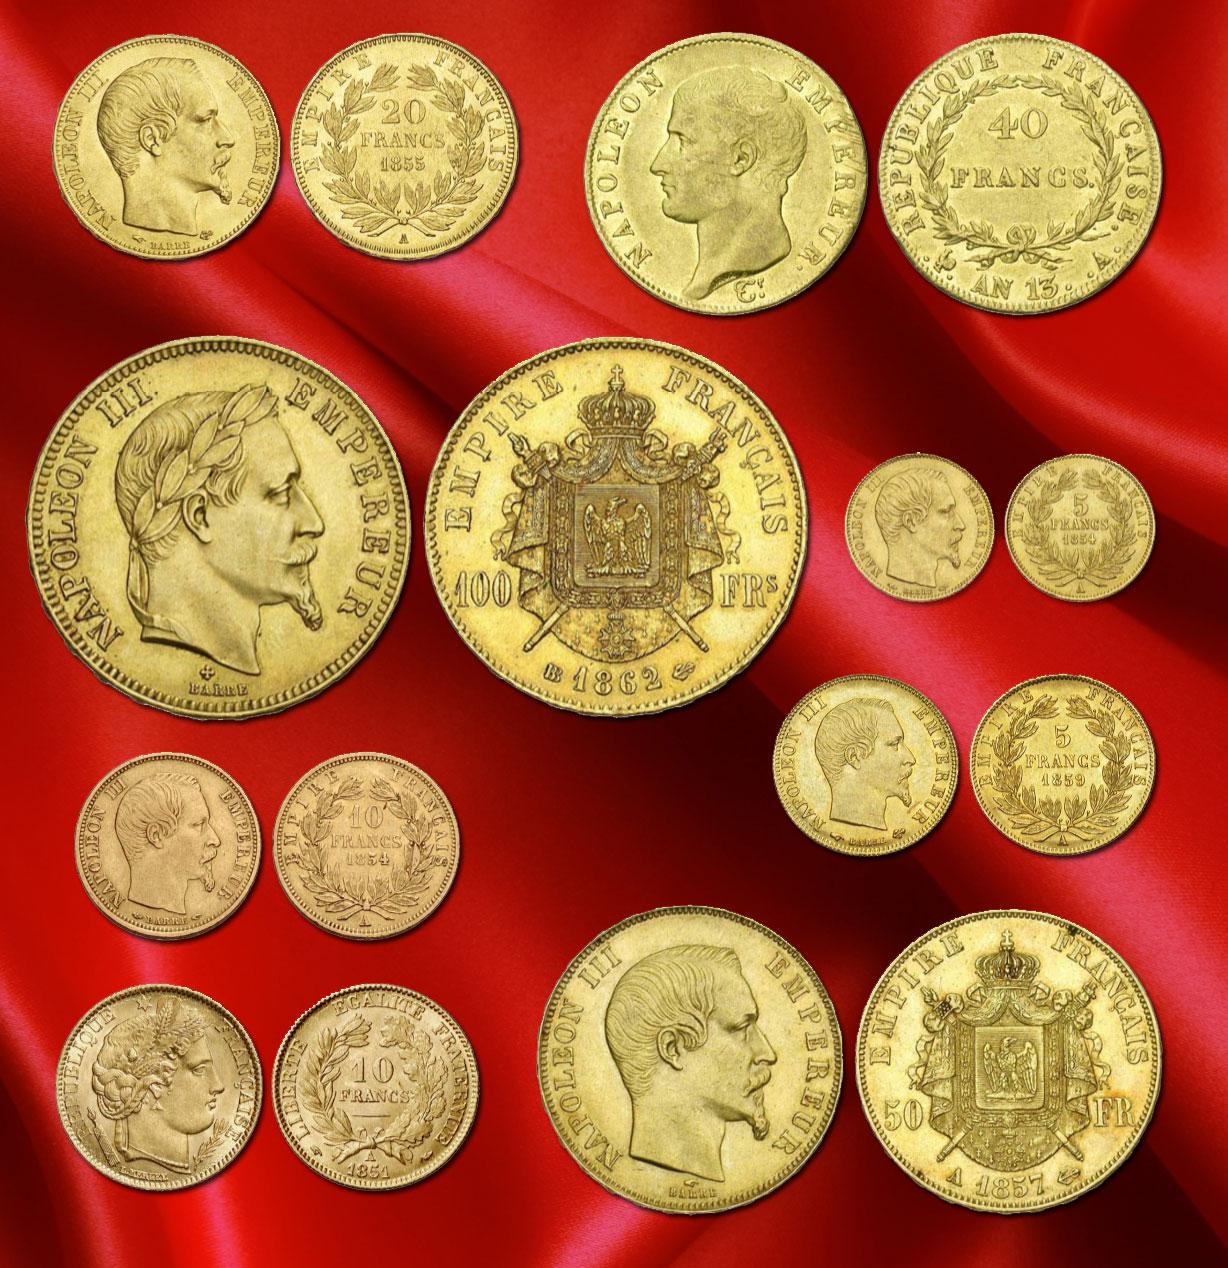 Quelques pièces d'or françaises